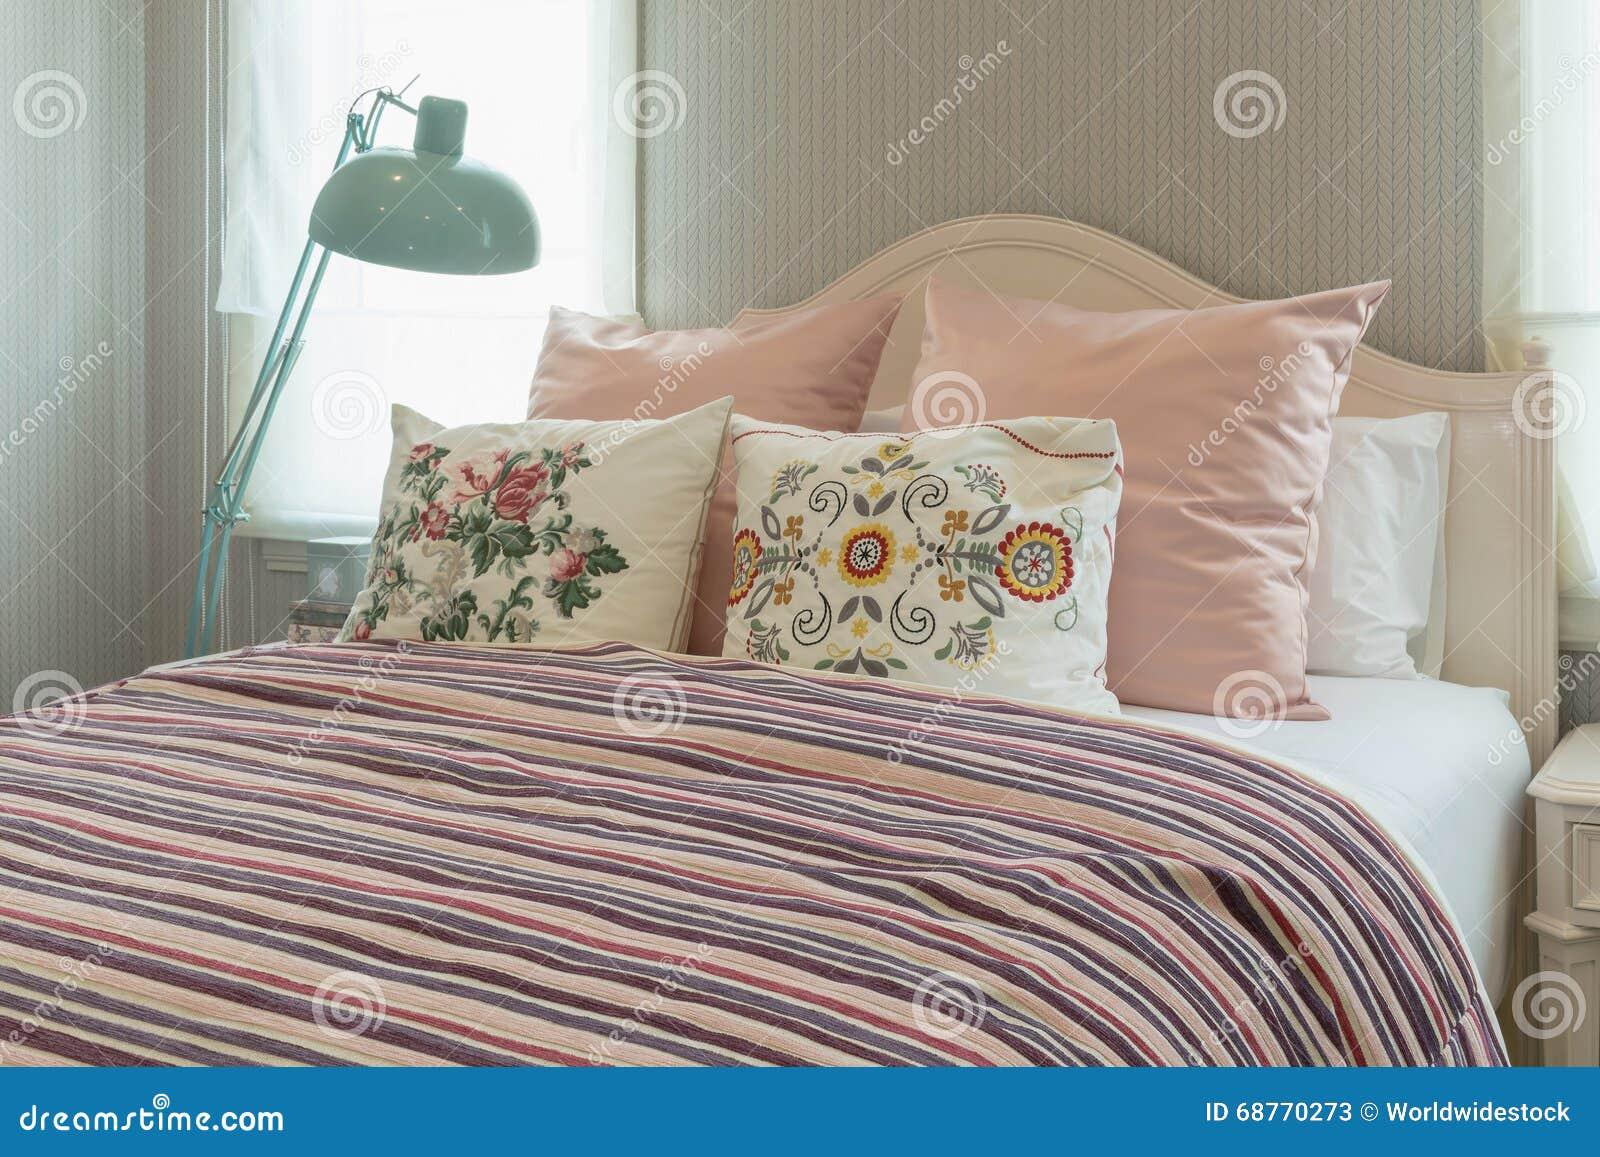 camera da letto con i cuscini del fiore e la coperta a strisce ... - Cuscini Camera Da Letto